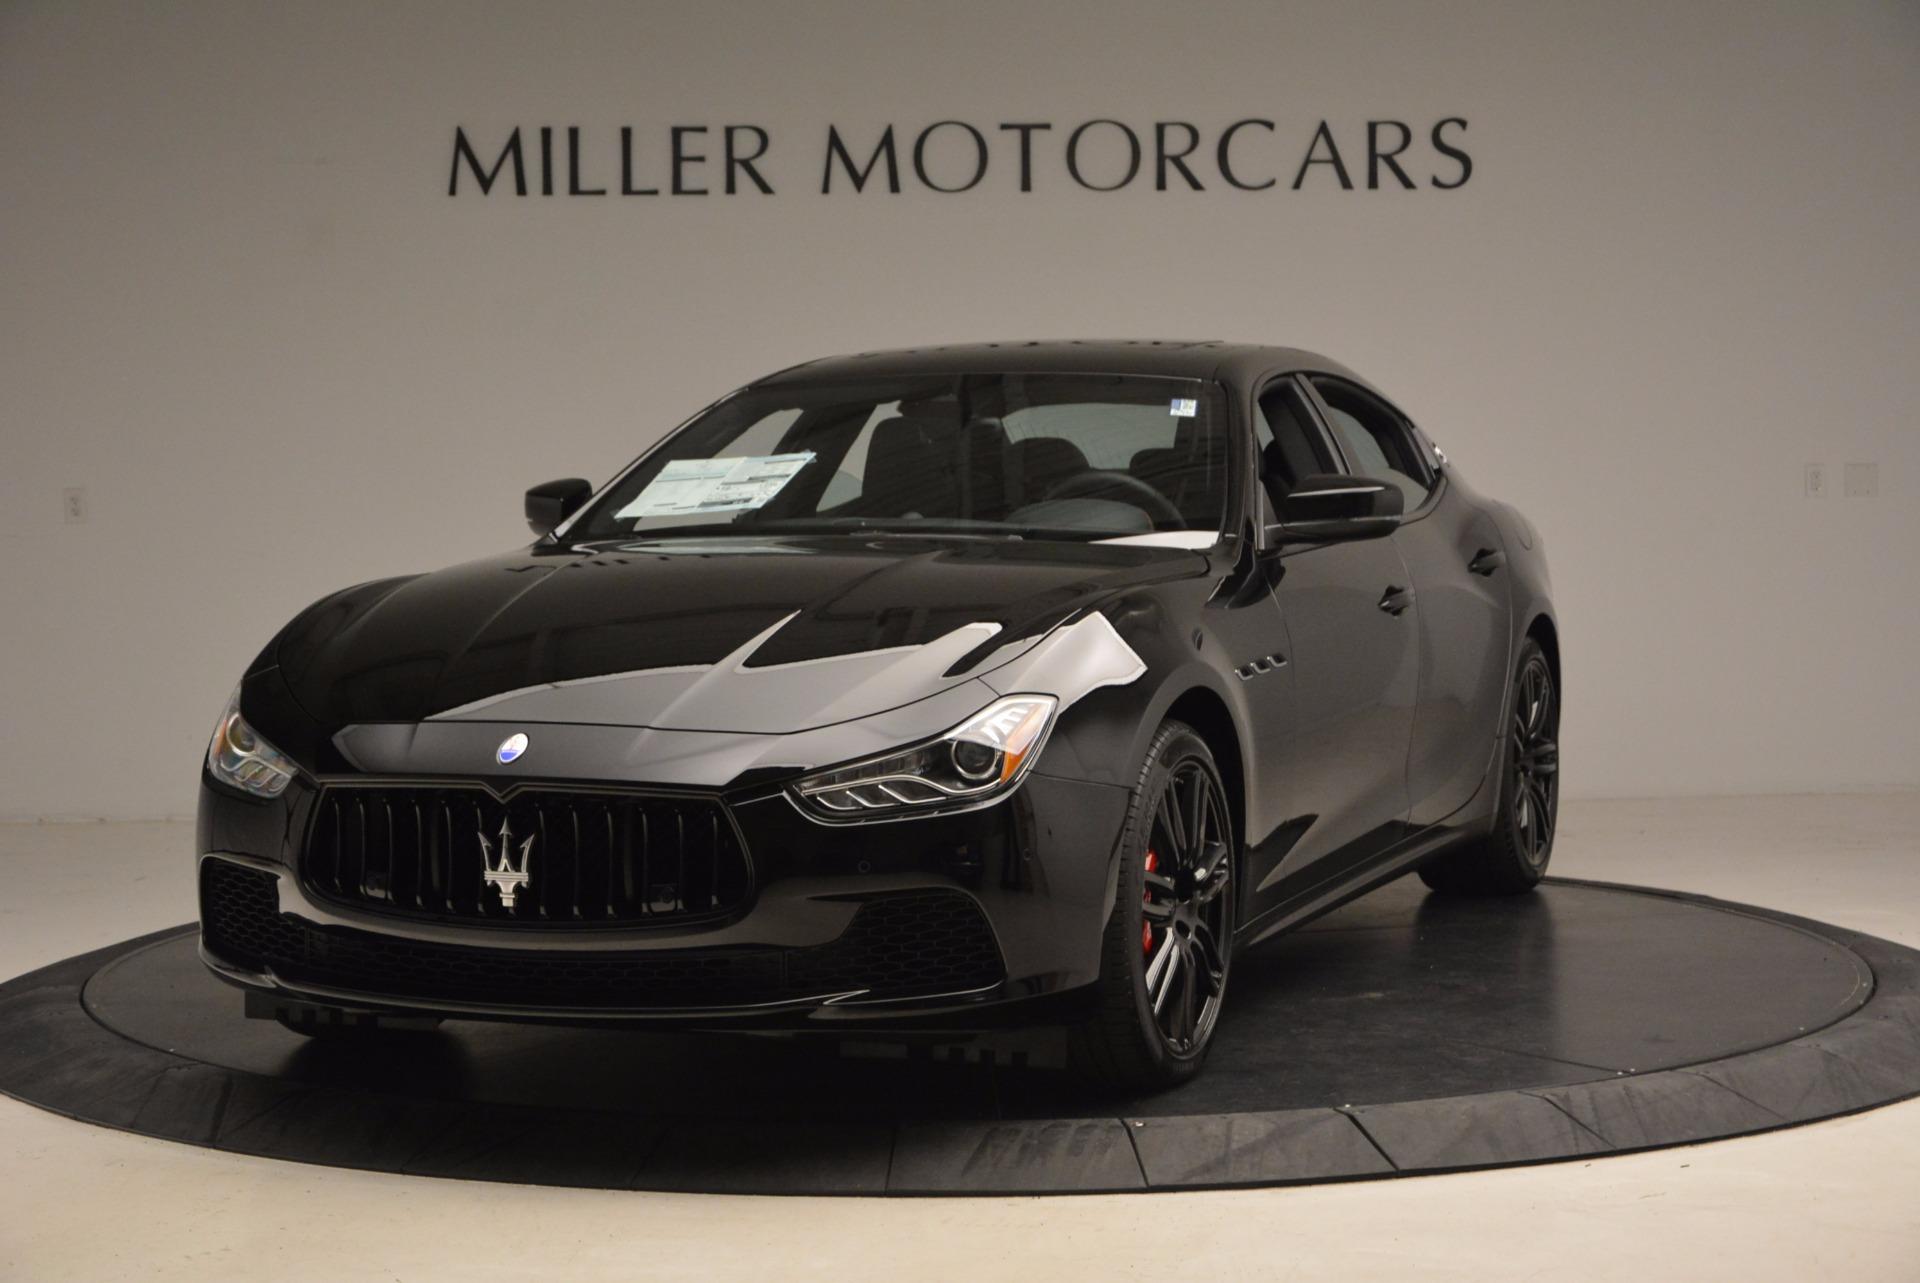 New 2017 Maserati Ghibli Nerissimo Edition S Q4 For Sale In Greenwich, CT 1419_main